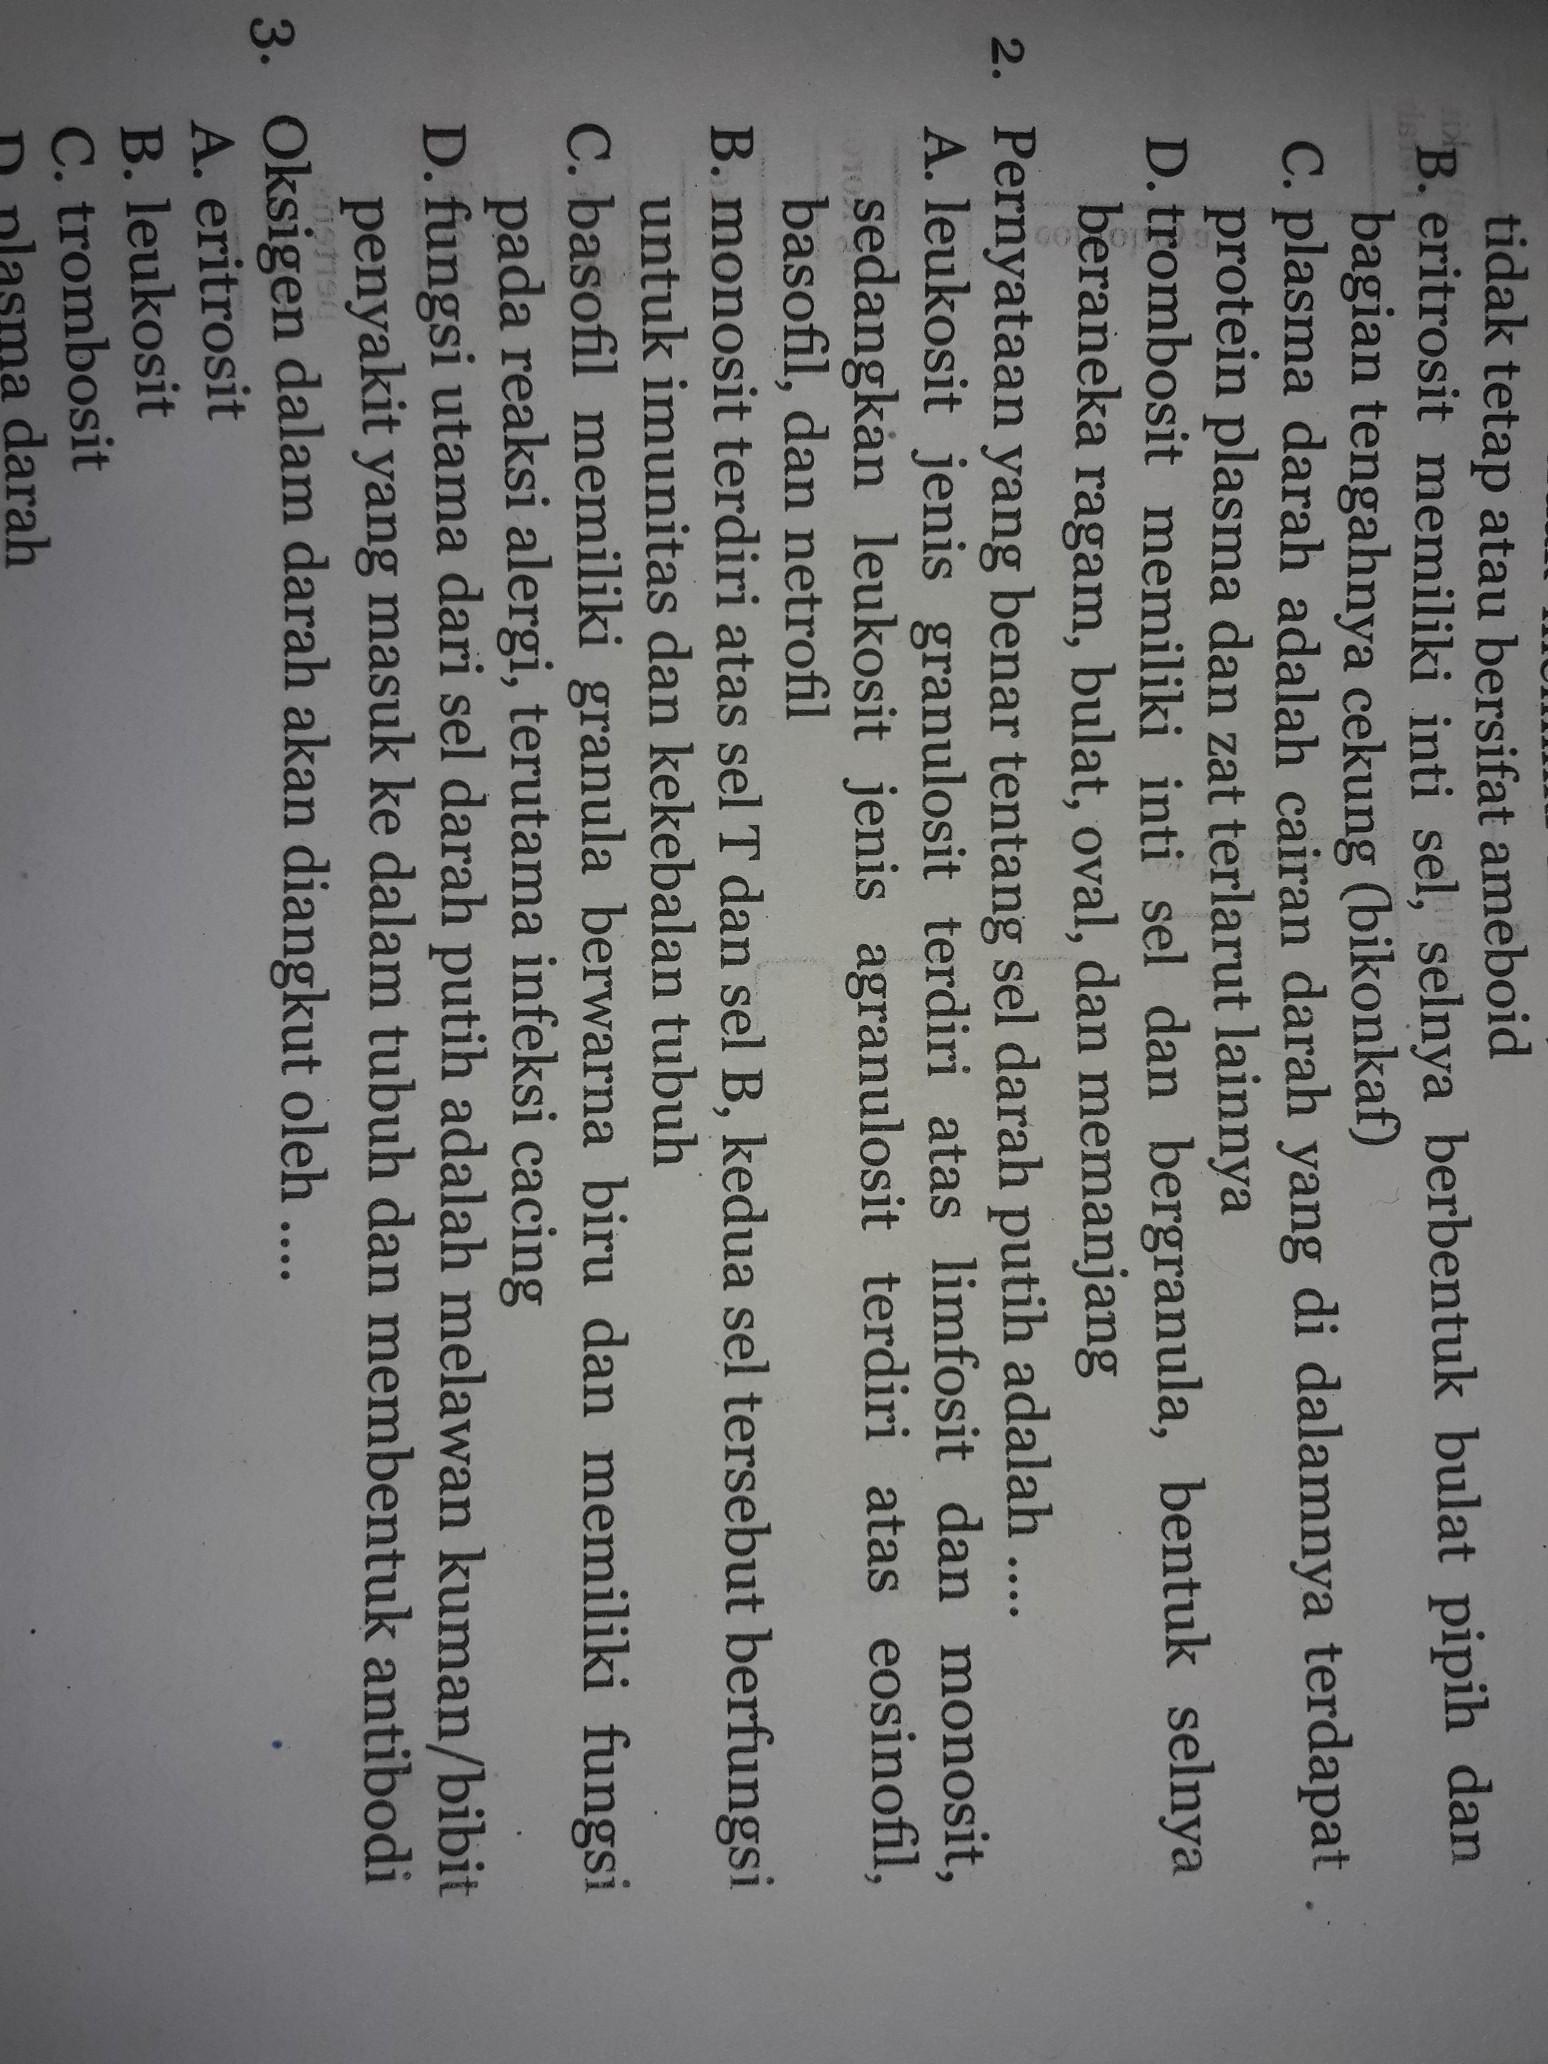 pernyataan yang benar tentang sel darah putih adalah ...